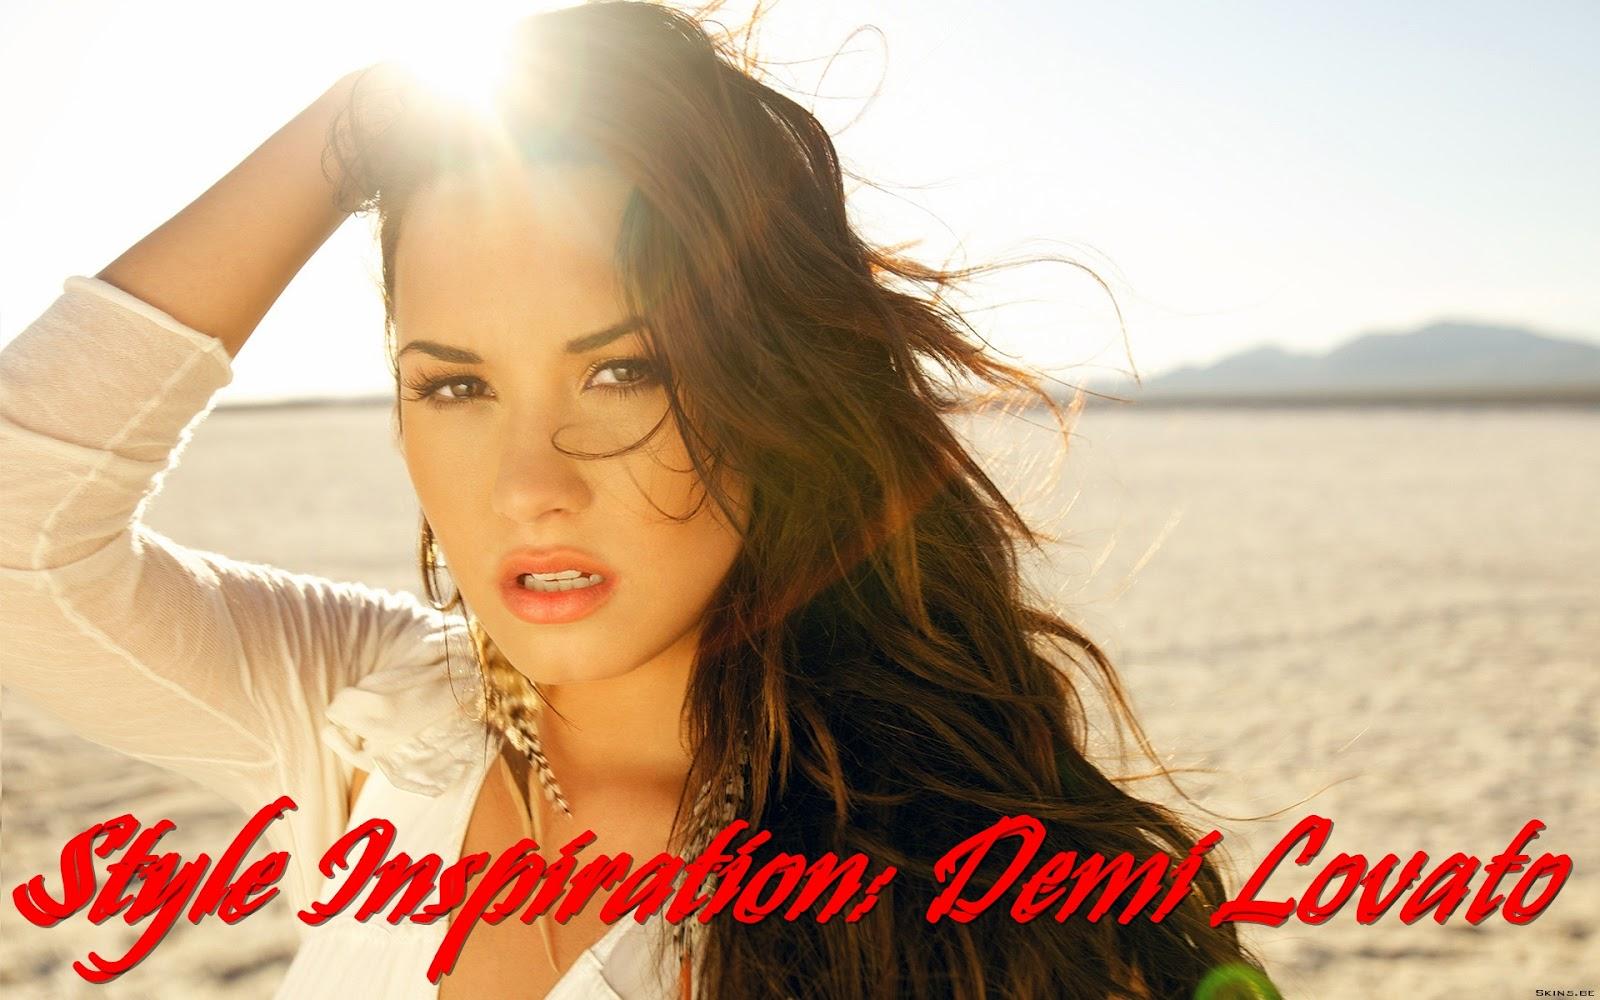 http://3.bp.blogspot.com/-mAJozku4RjM/T7AqhSuIjCI/AAAAAAAAB0w/bpc0SeAD3Hw/s1600/Demi-Lovato-demi-lovato-28692811-1920-1200.jpg